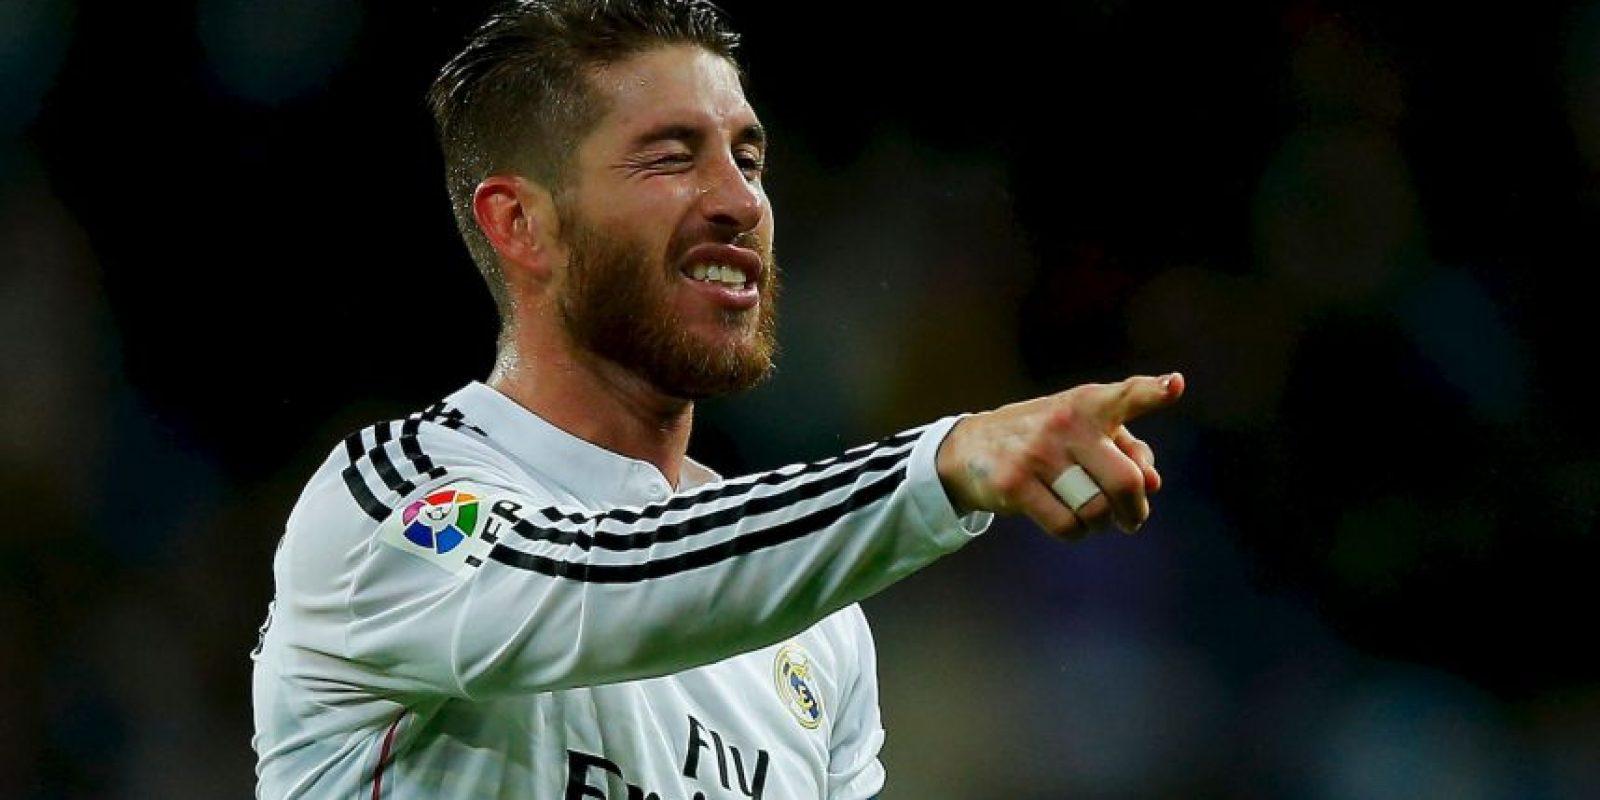 Esto porque antes de irse de vacaciones, Ramos le pidió al club que escuchara ofertas por él. Foto:Getty Images